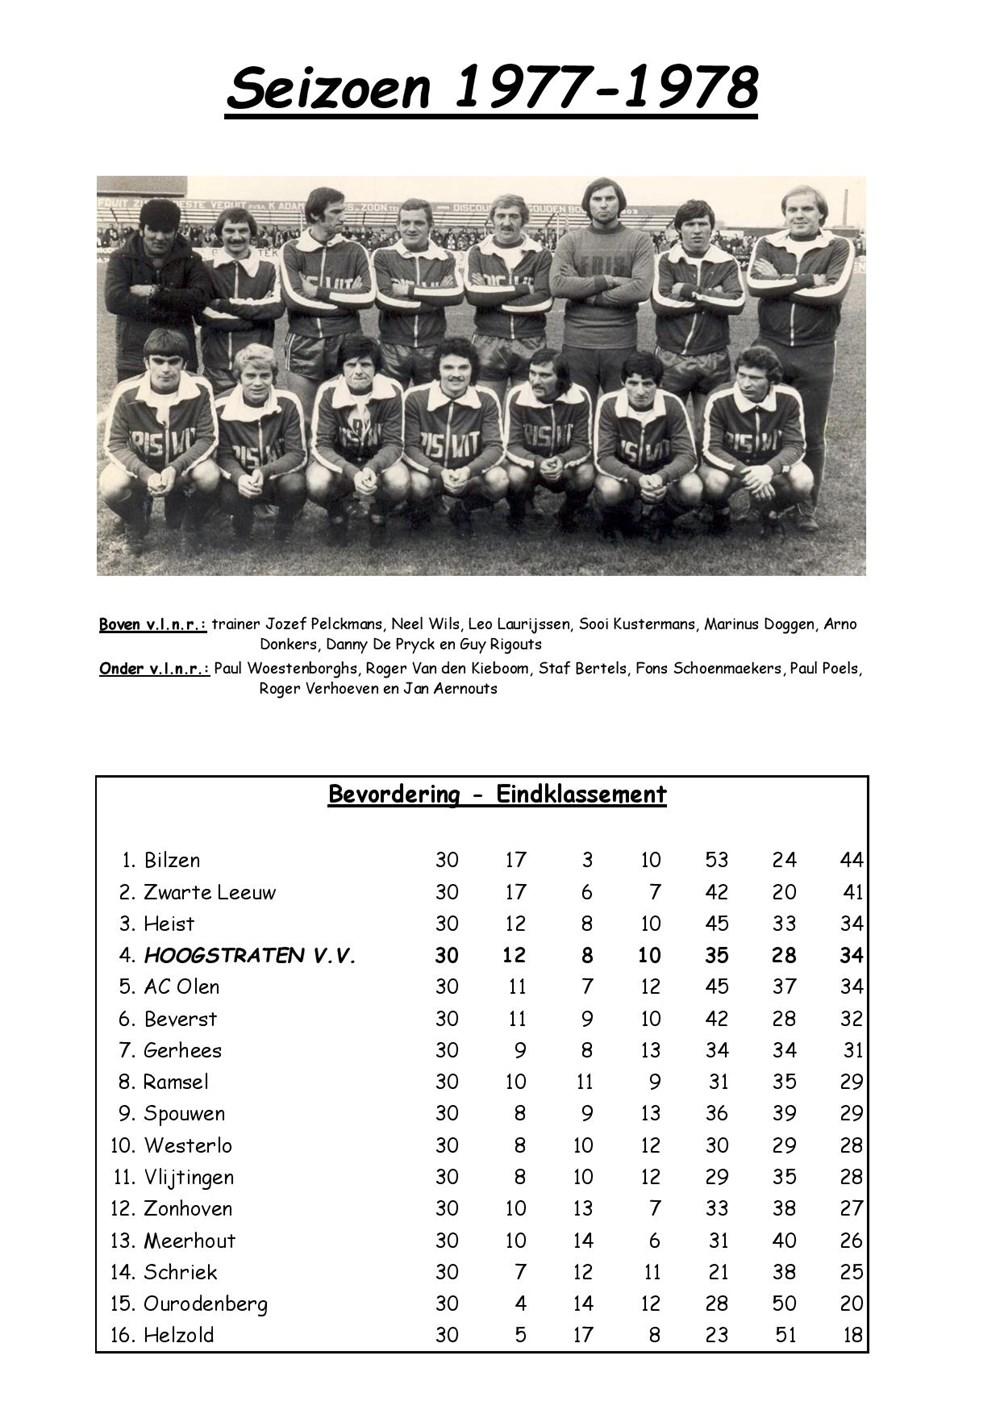 seizoen_1977-1978-page-001.jpg